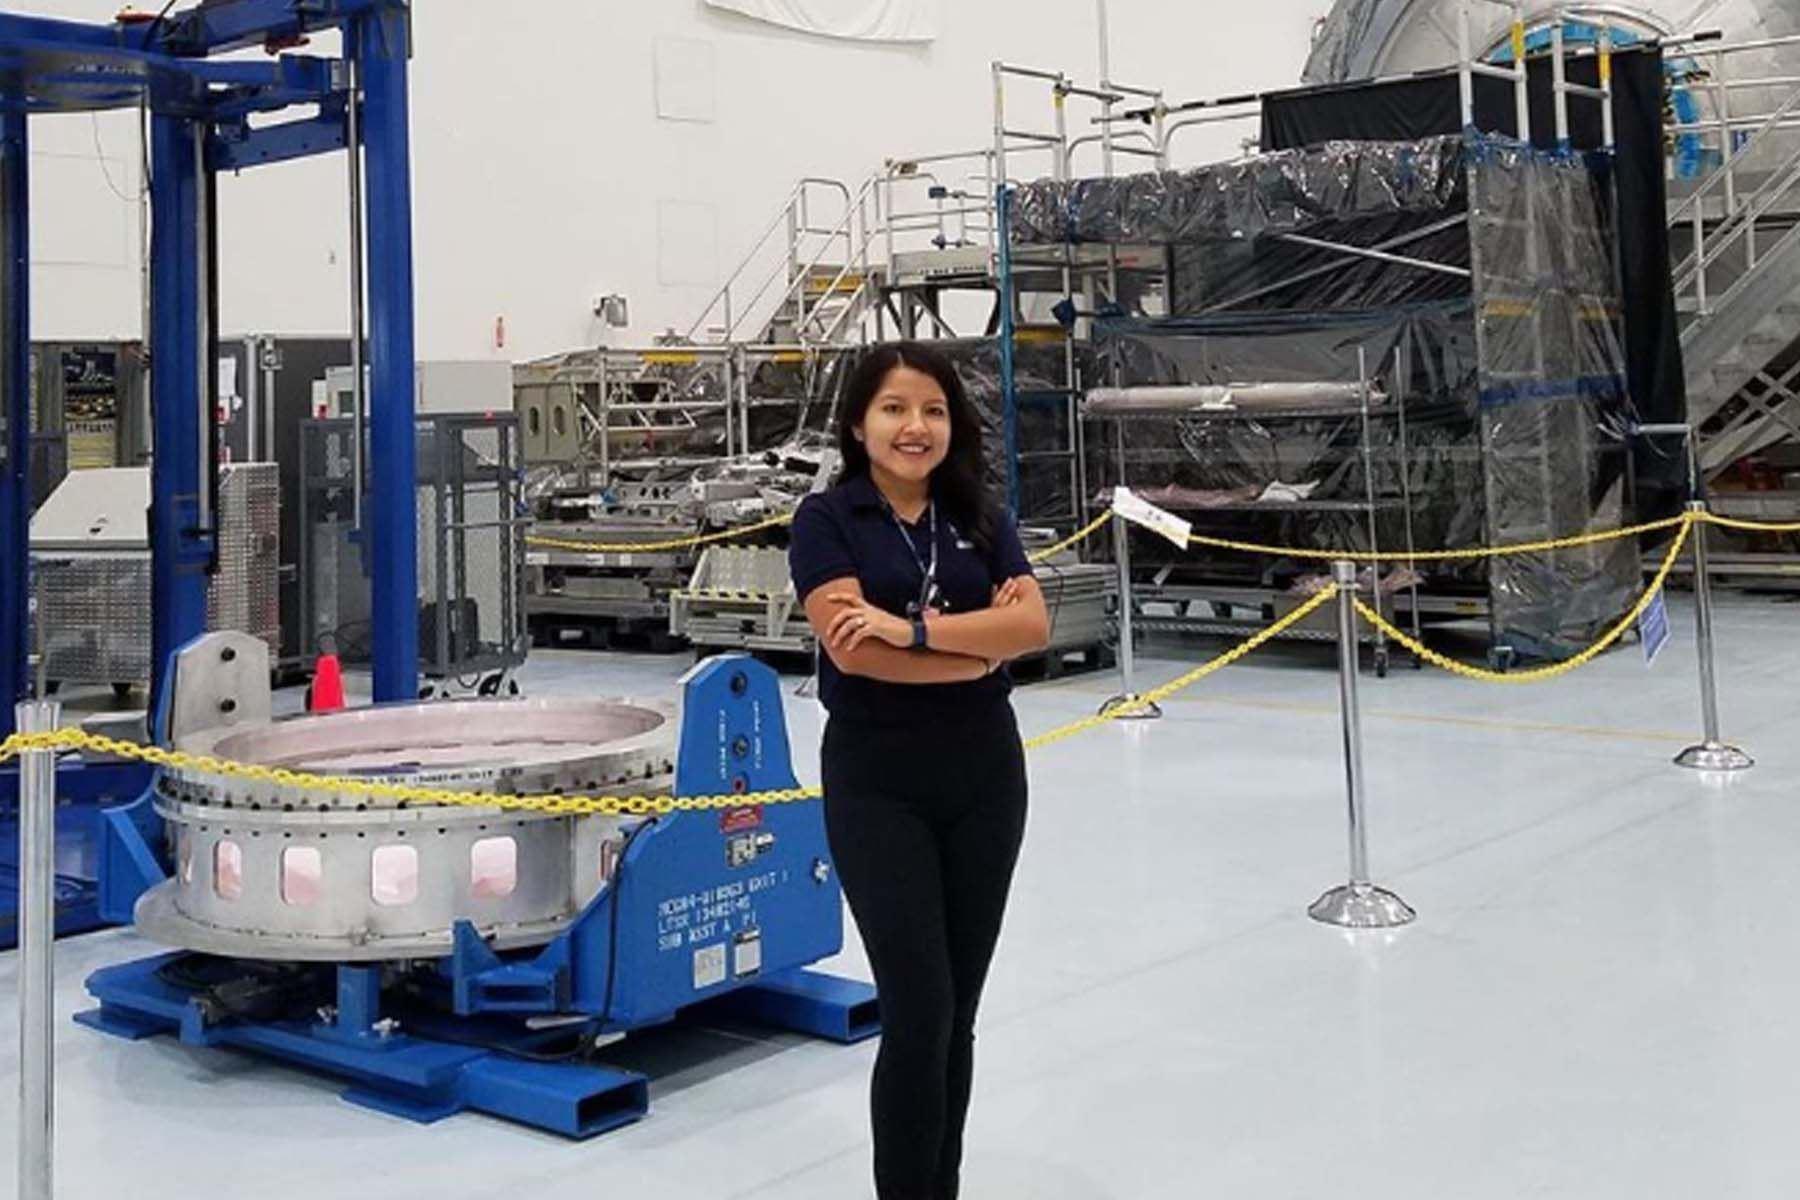 La ingeniera peruana Rosa Ávalos-Warren es gerente de misión de la red de comunicaciones y rastreo para vuelo espacial tripulado en el Centro de vuelo espacial Goddard de la NASA. Foto: NASA/Instagram